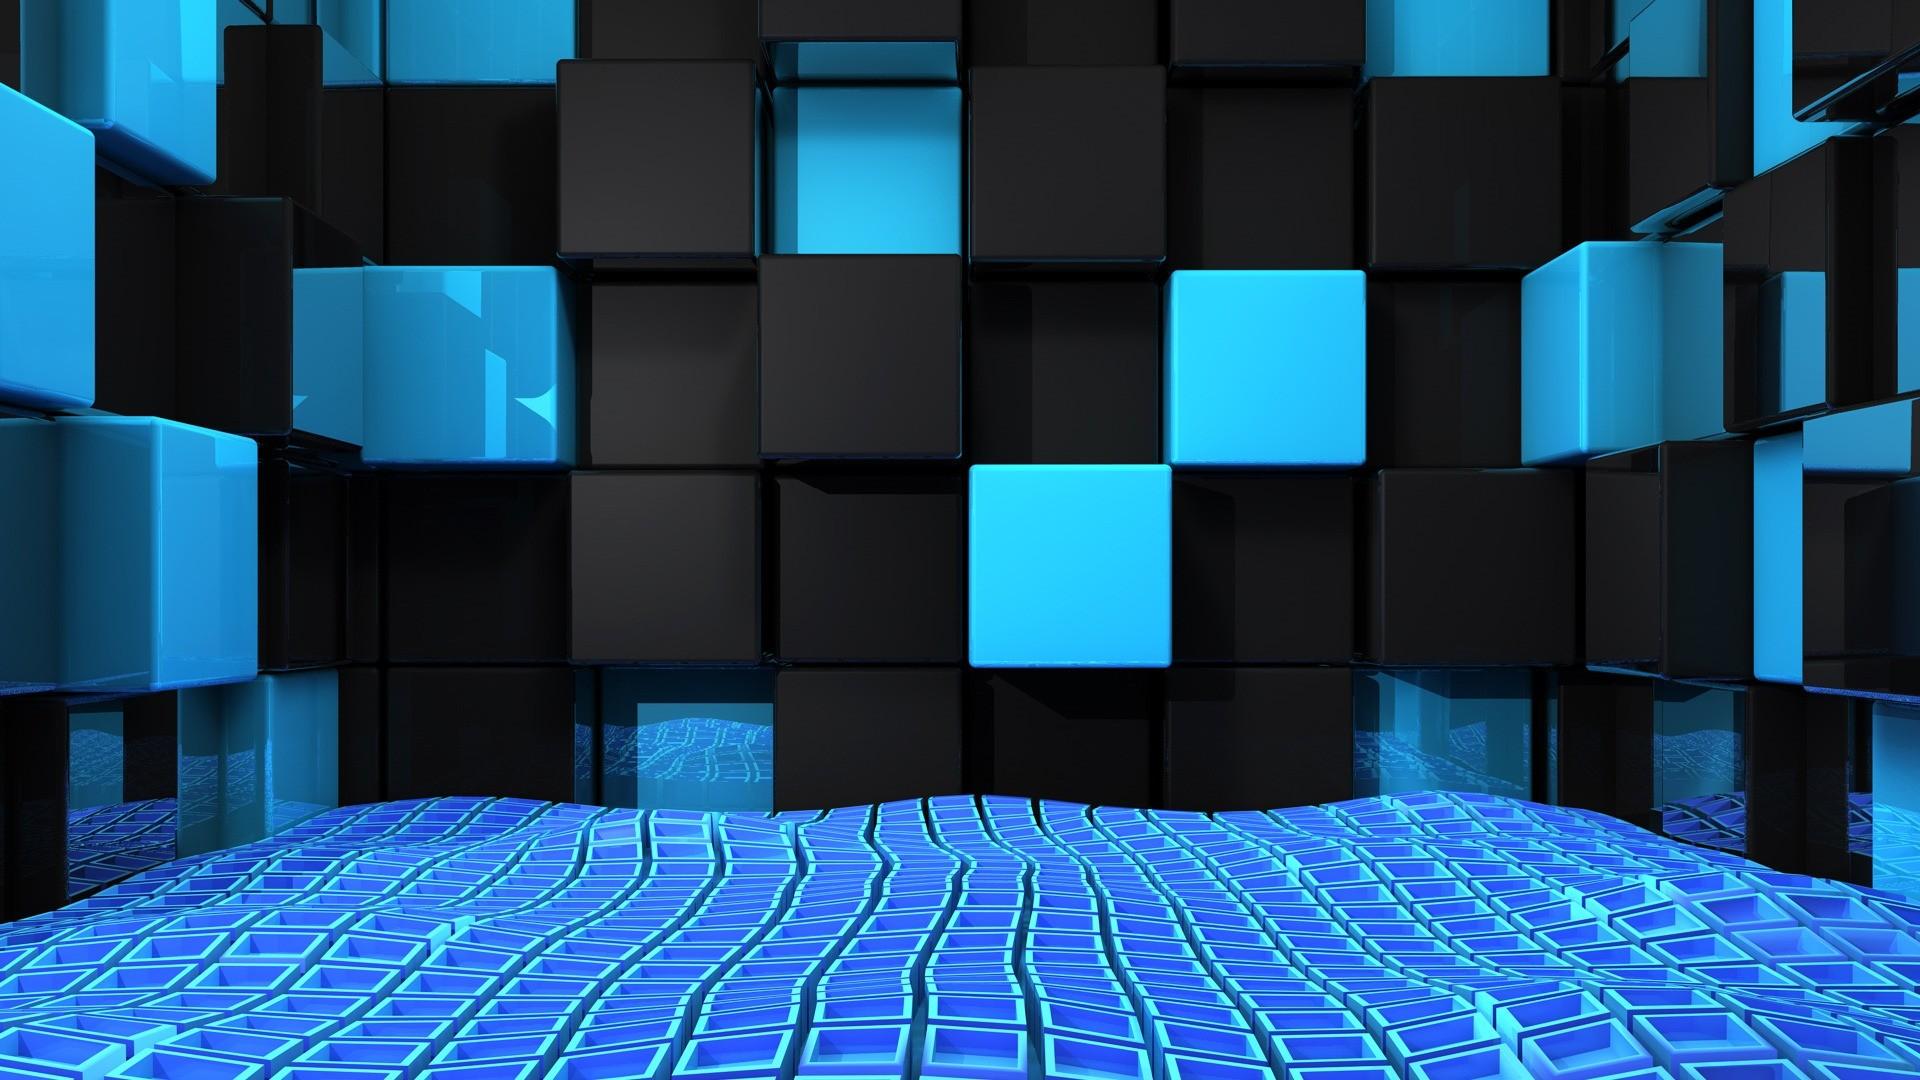 1080p Blue Wallpaper (73+ Images